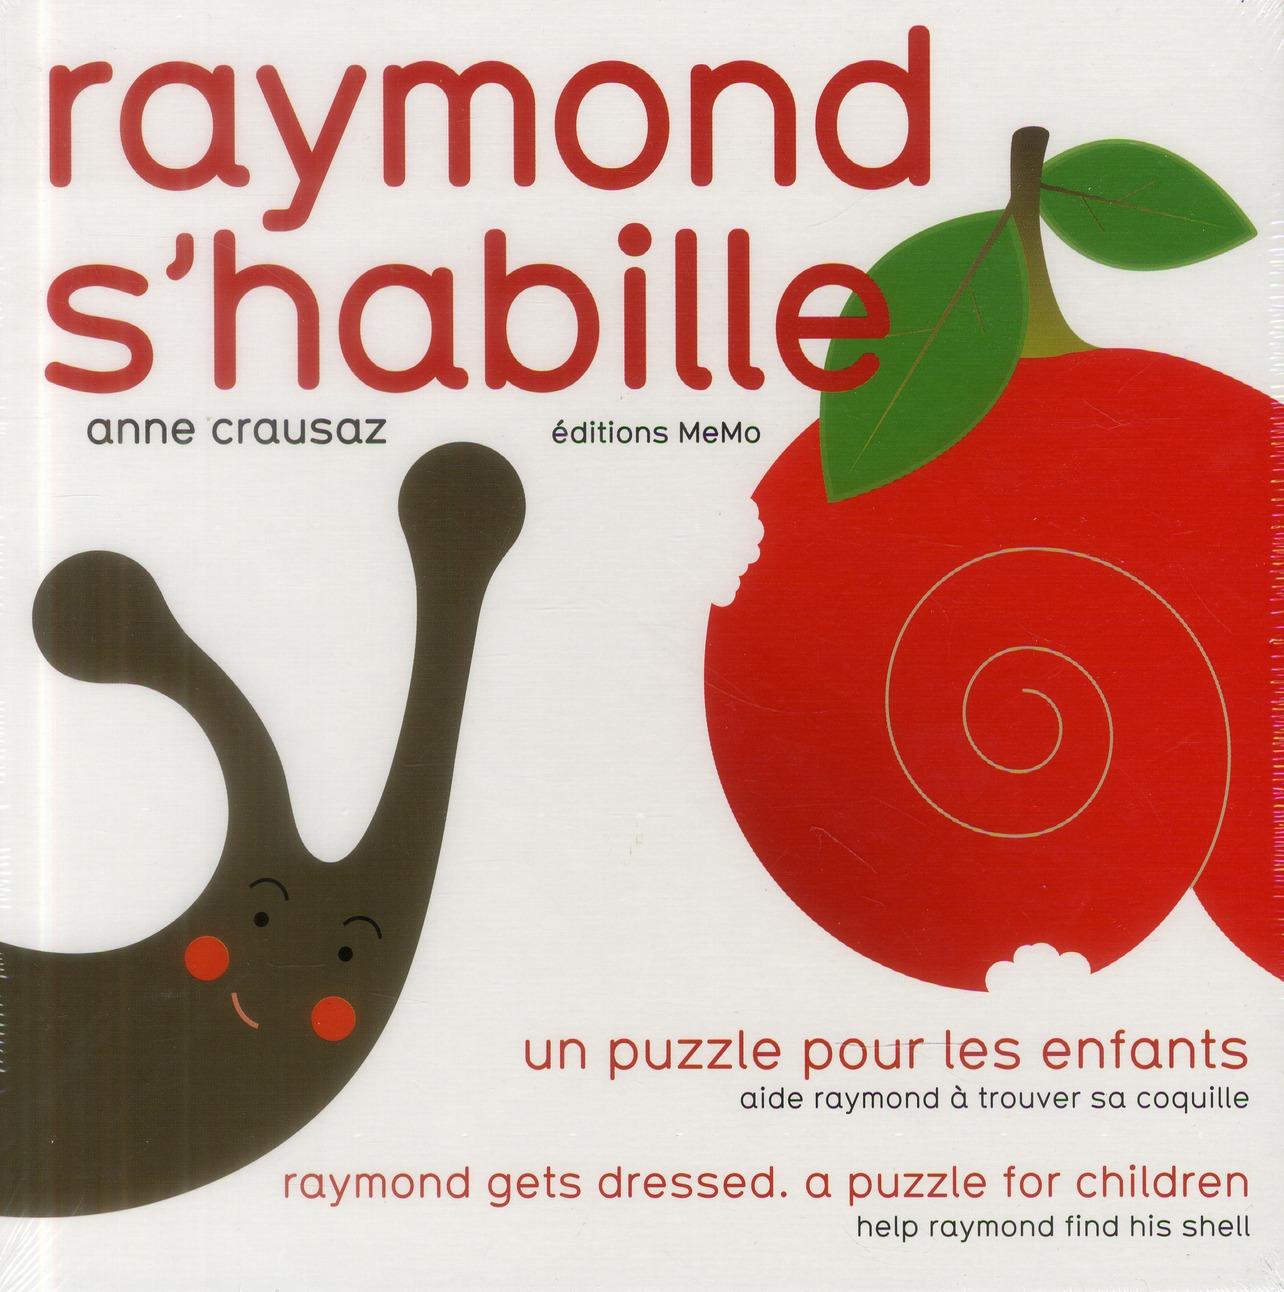 RAYMOND S-HABILLE CRAUSAZ ANNE MEMO